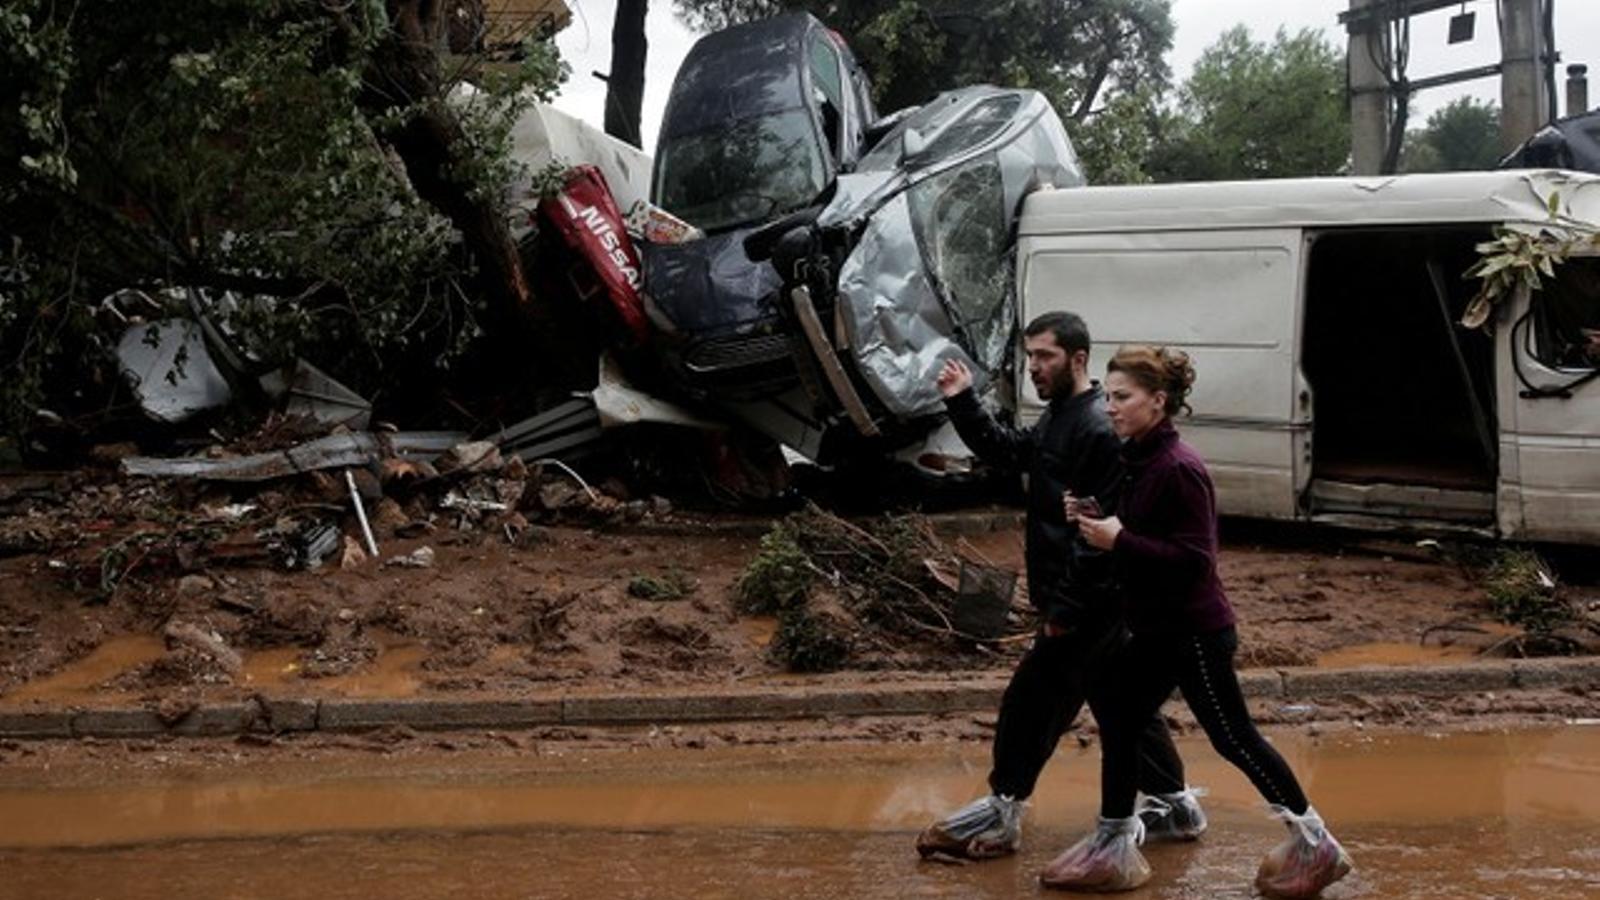 Les pluges fortes han arrossegat cotxes amb facilitat / Alkis Konstantinidis REUTERS